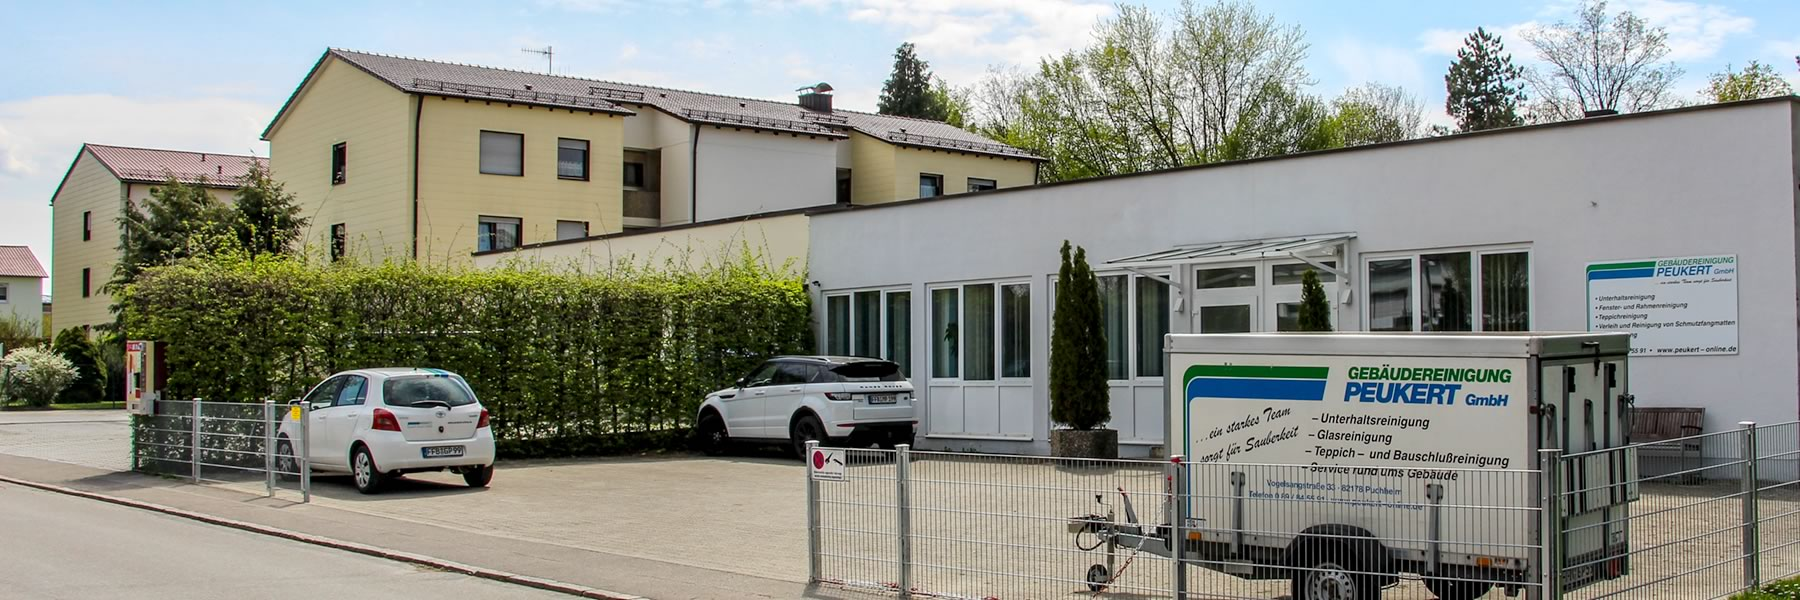 Peukert Gebäudereinigung Puchheim